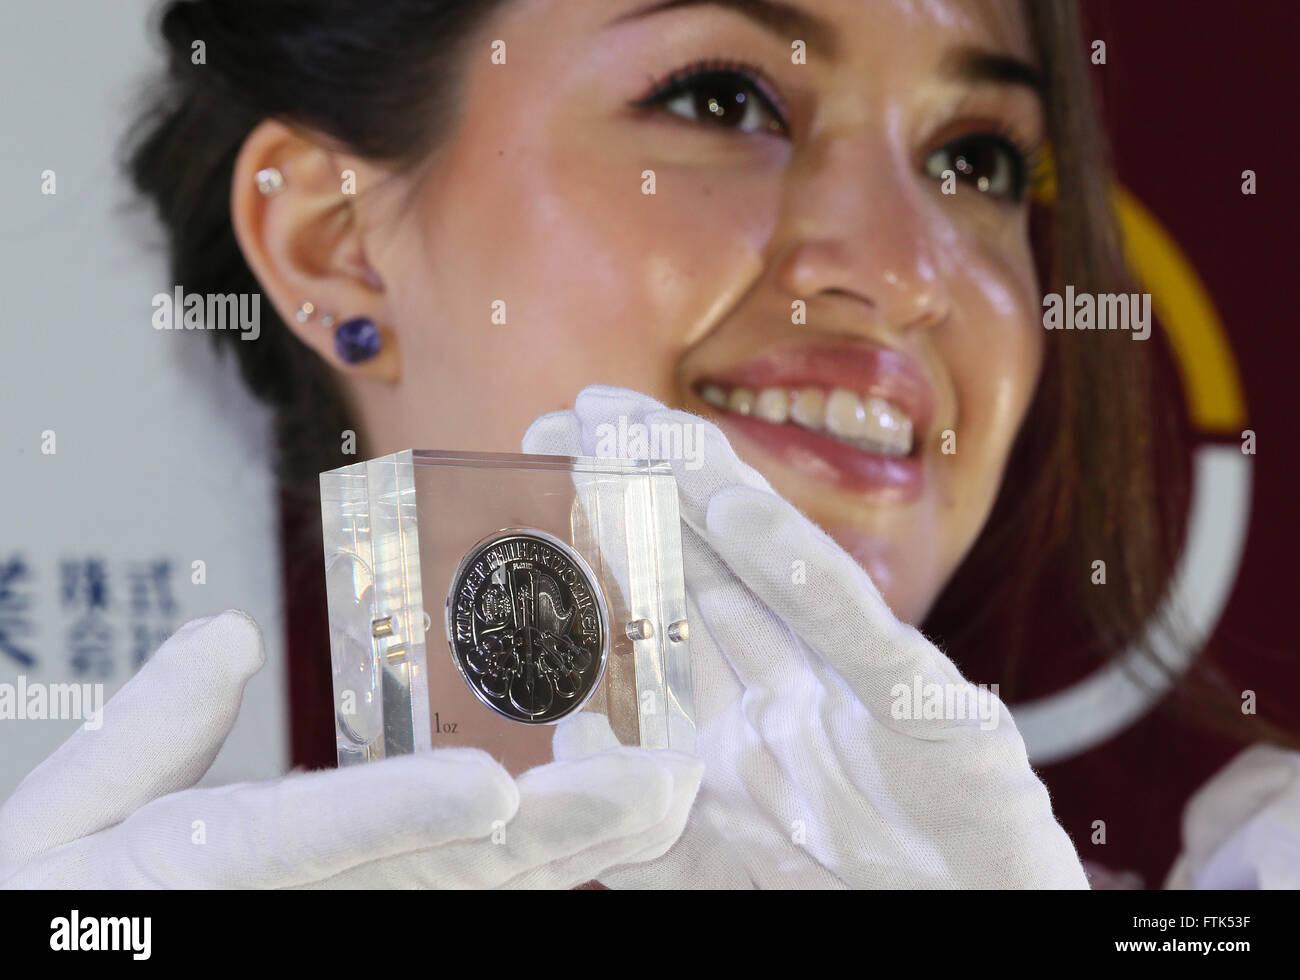 Tokio Japan 30 März 2016 Ein Modell Zeigt Die Münze österreich 1